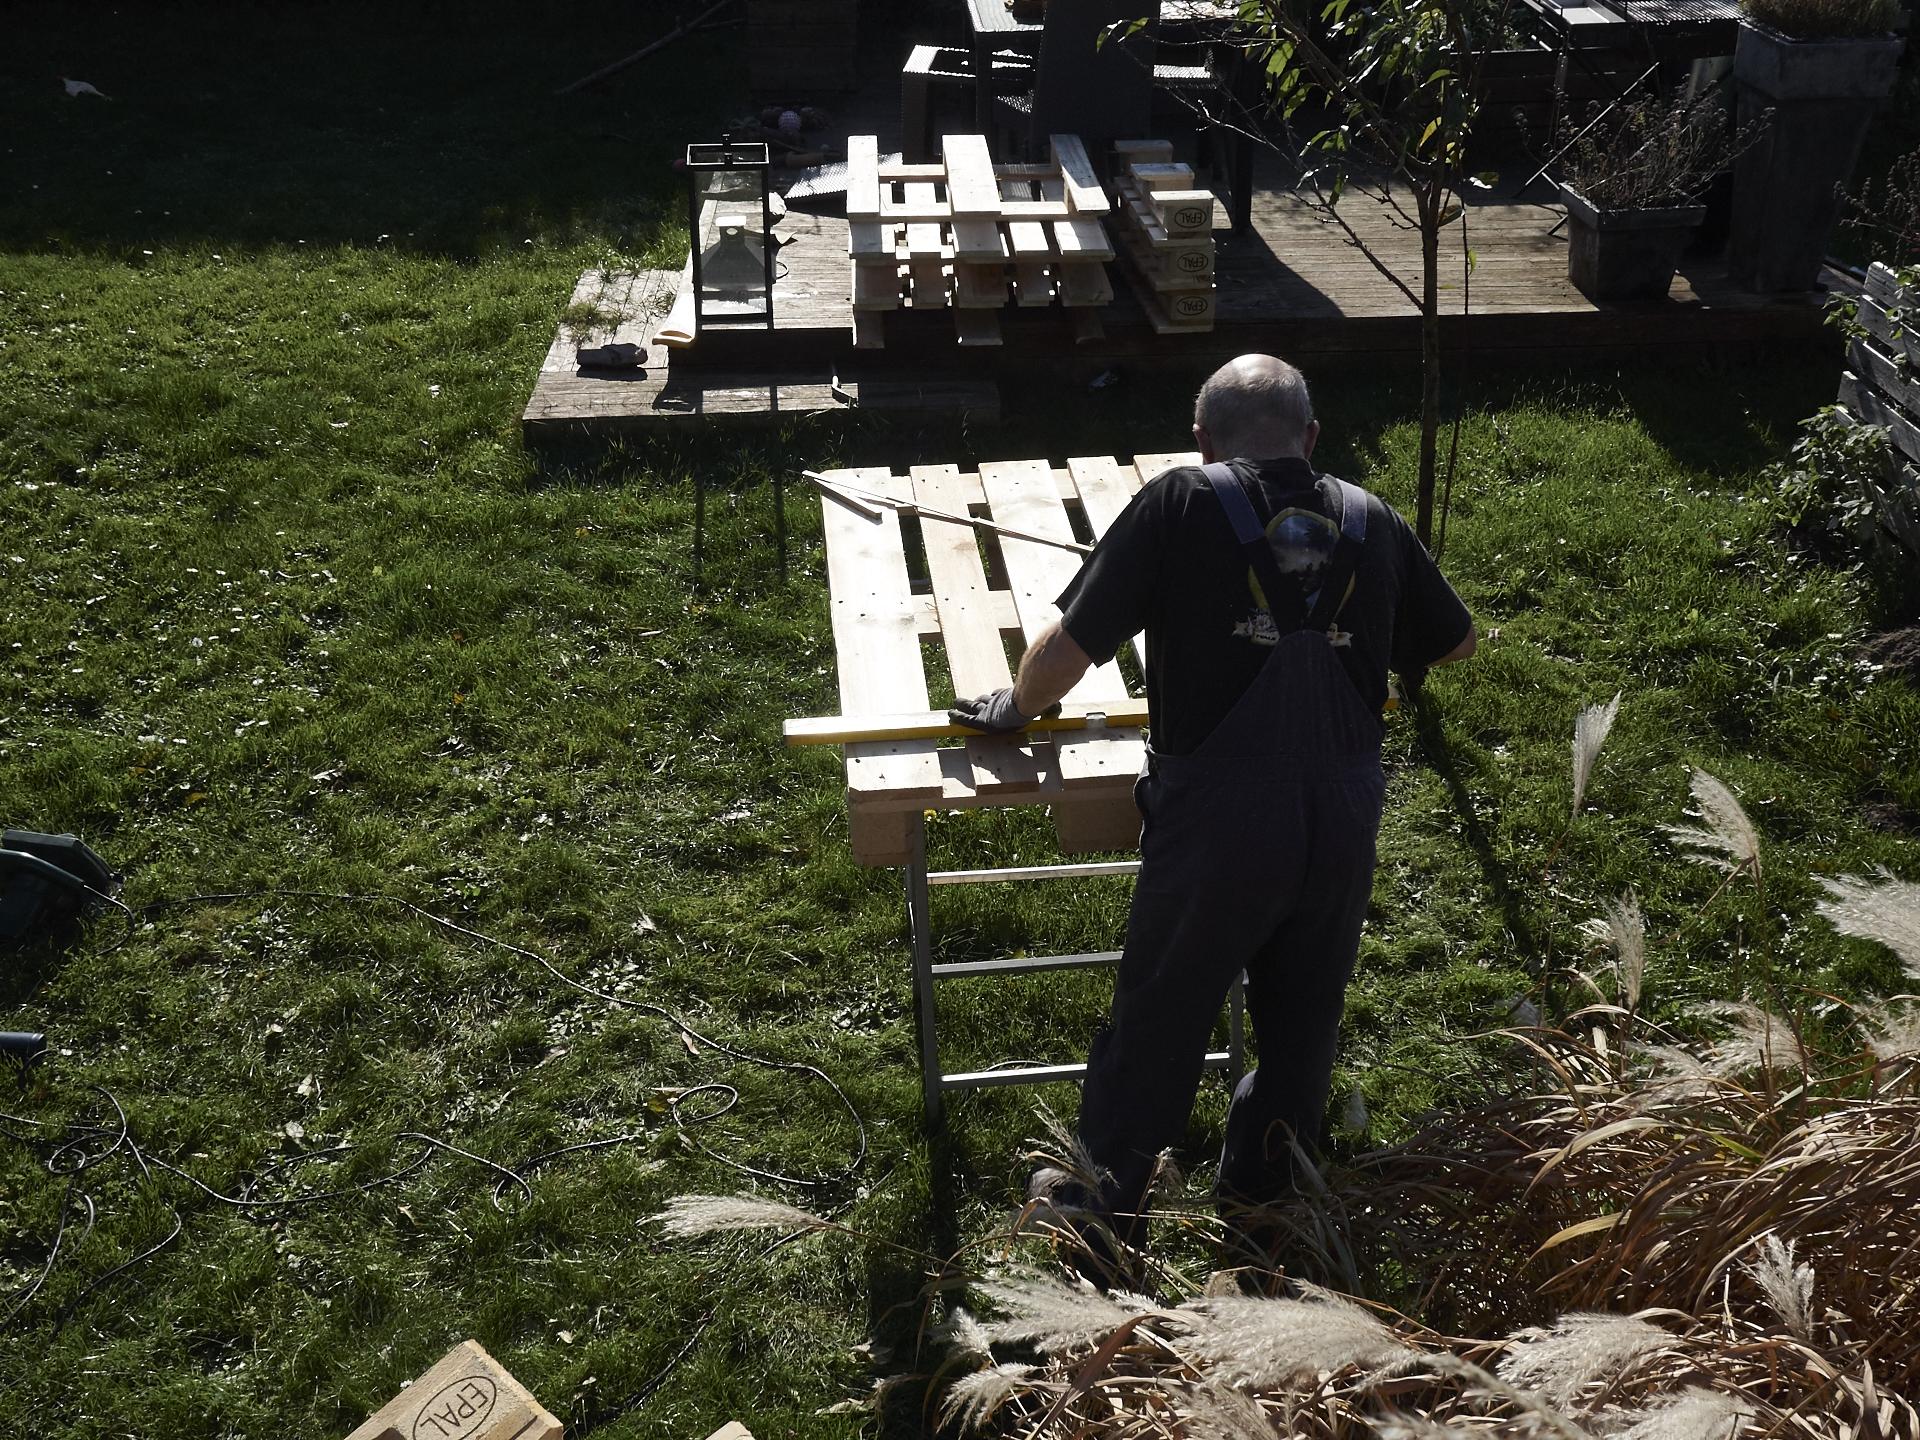 bett aus paletten selbstgebaut, natürlich mit hilfe von bett aus paletten selbstgebaut, natürlich mit hilfe von bernhardund seinem werkzeug seinem werkzeug